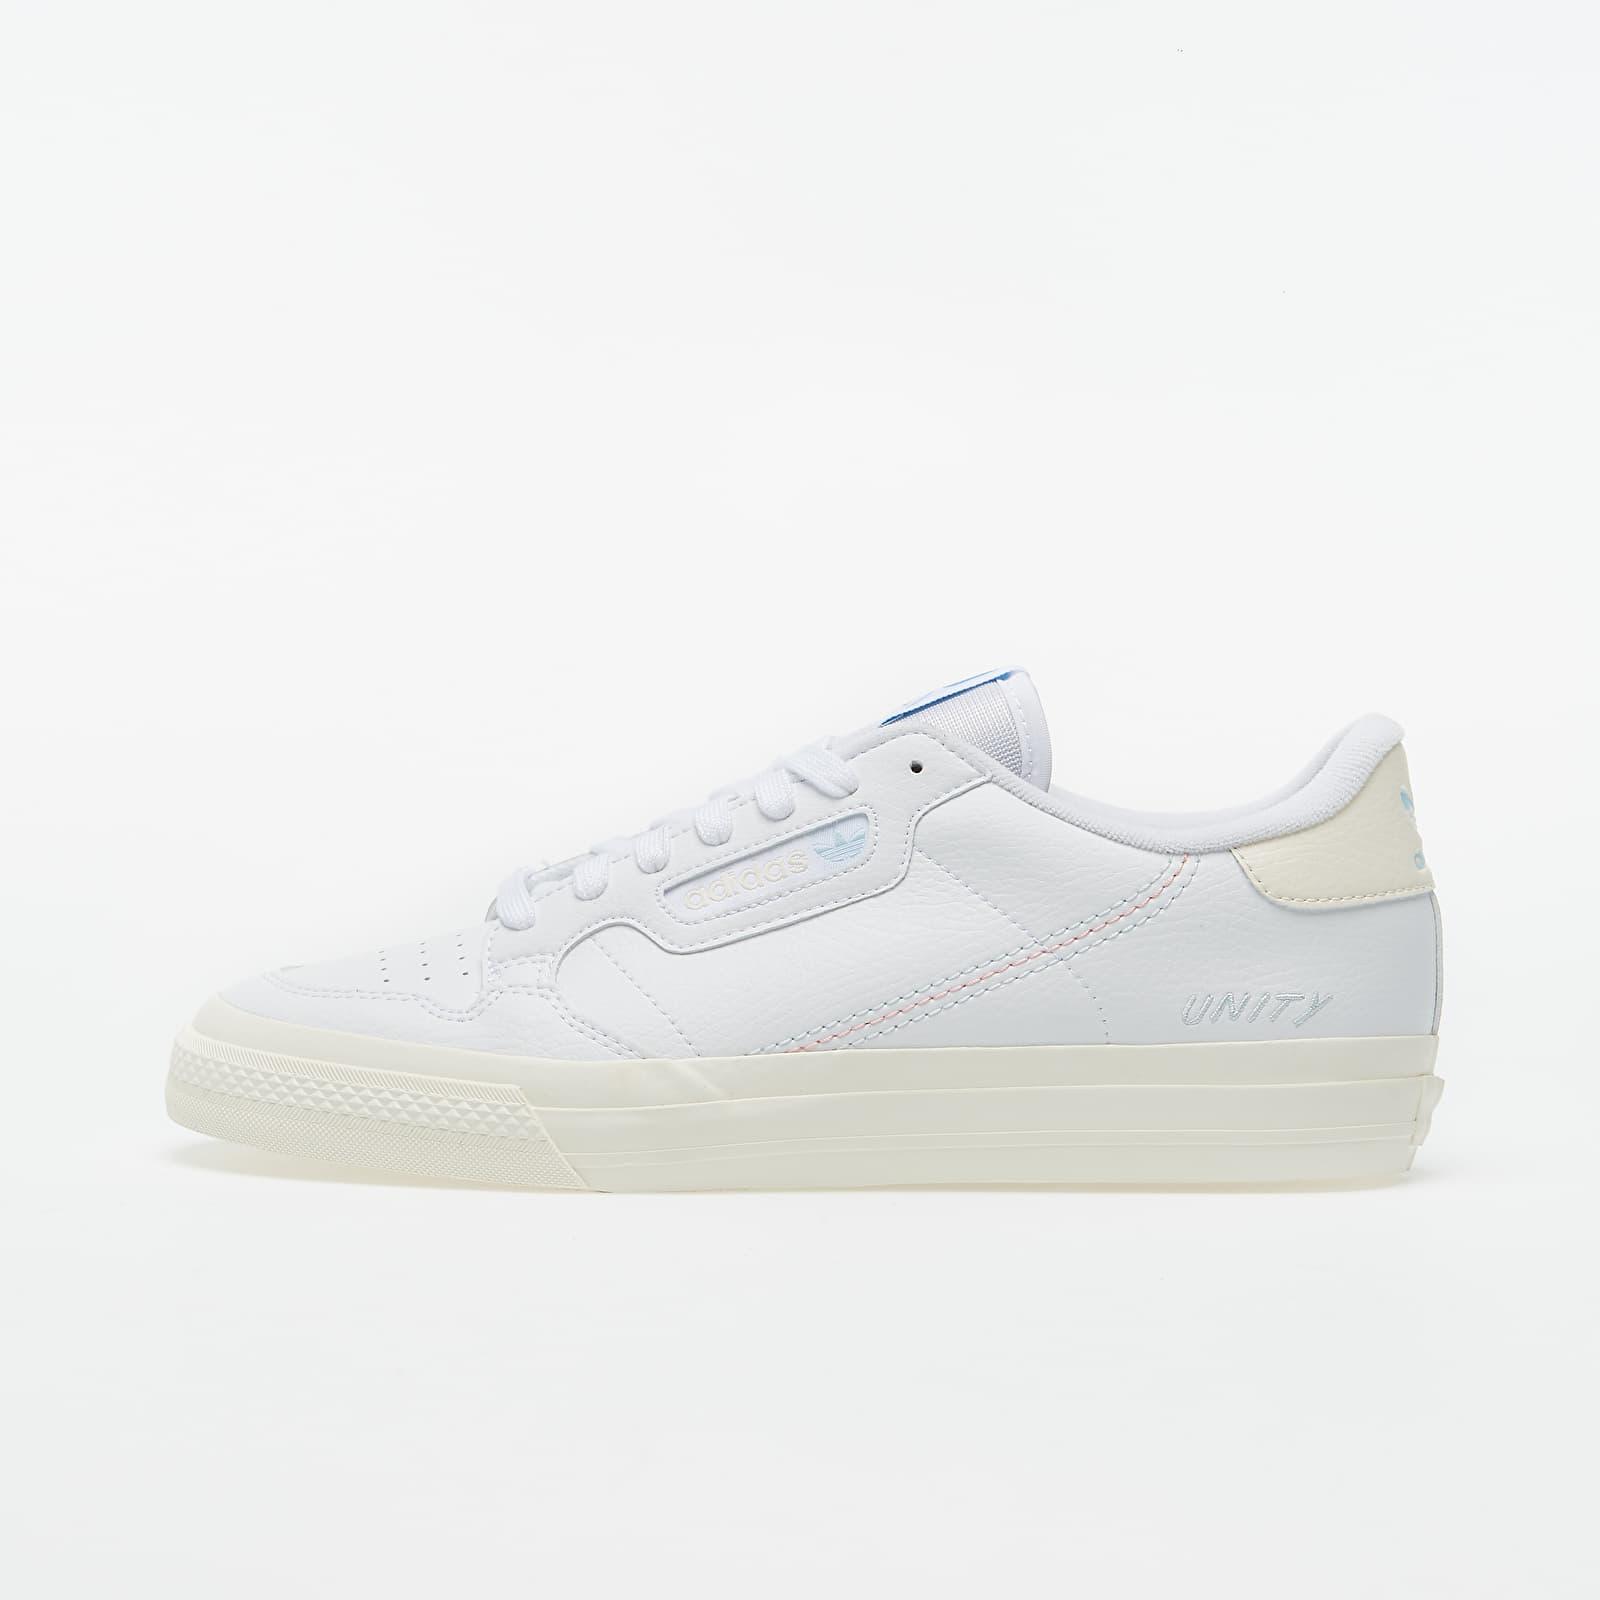 adidas x Unity Continental Vulc Ftwr White/ Ecru Tint S18/ Grey One F17 EH1808